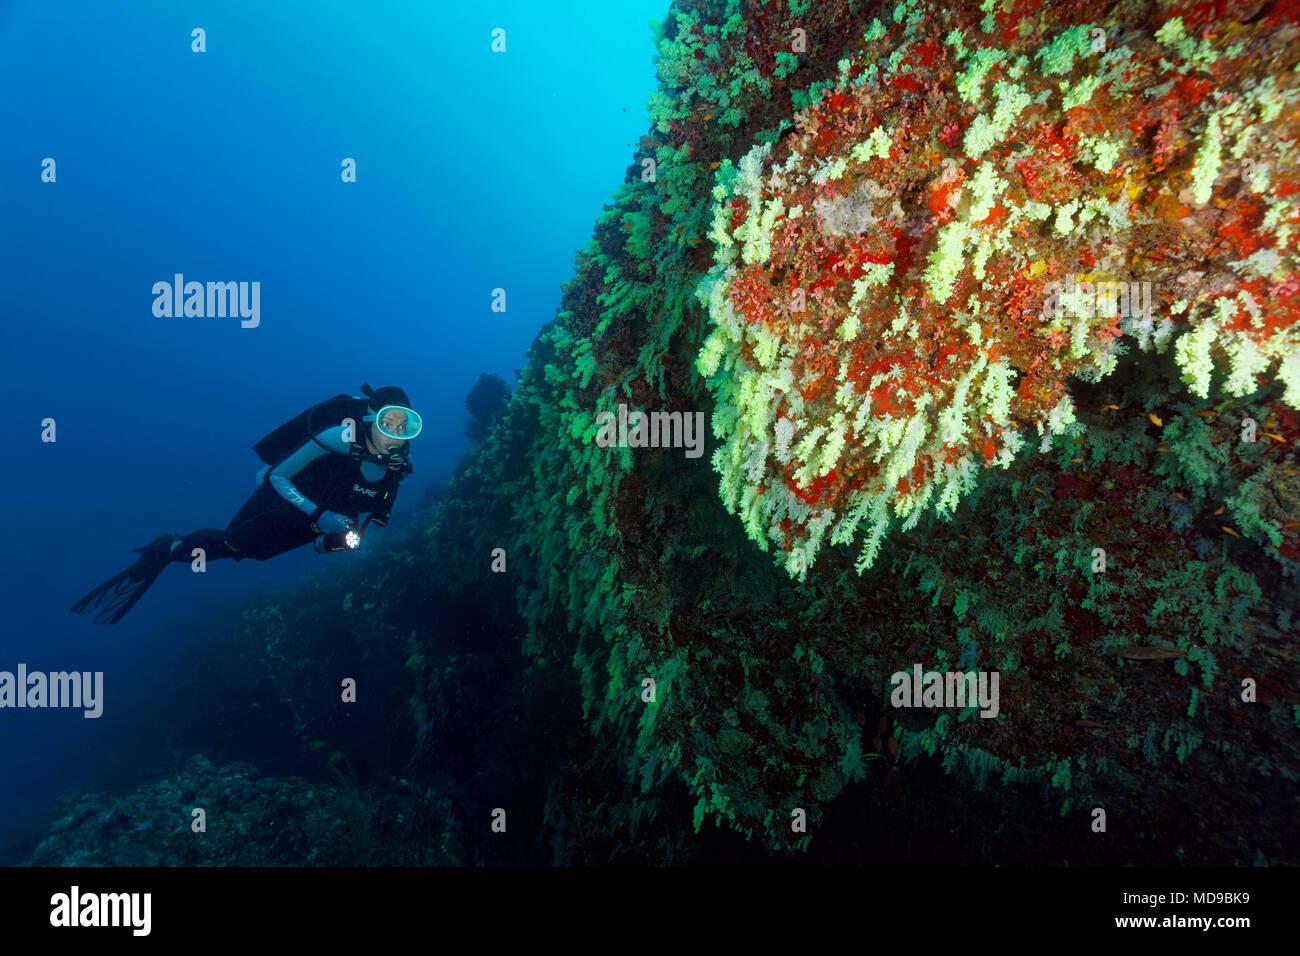 Taucher sieht an der Wand der Korallen Riff mit Weichkorallen (alcyonacea) Gelb, Hängen, Indischer Ozean, Malediven Stockbild